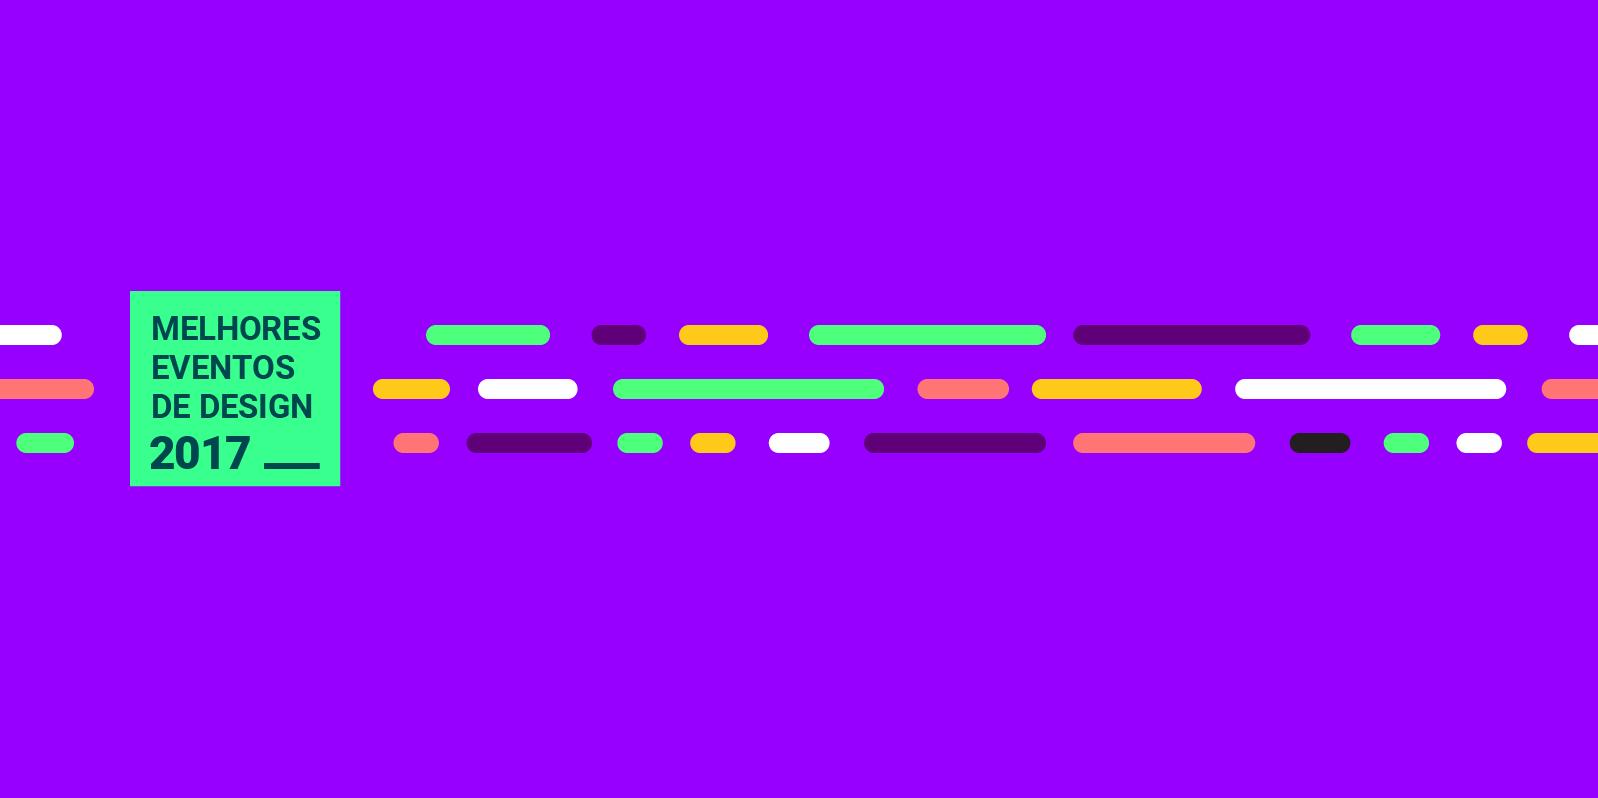 Des1gnON - Eventos de Design em 2017